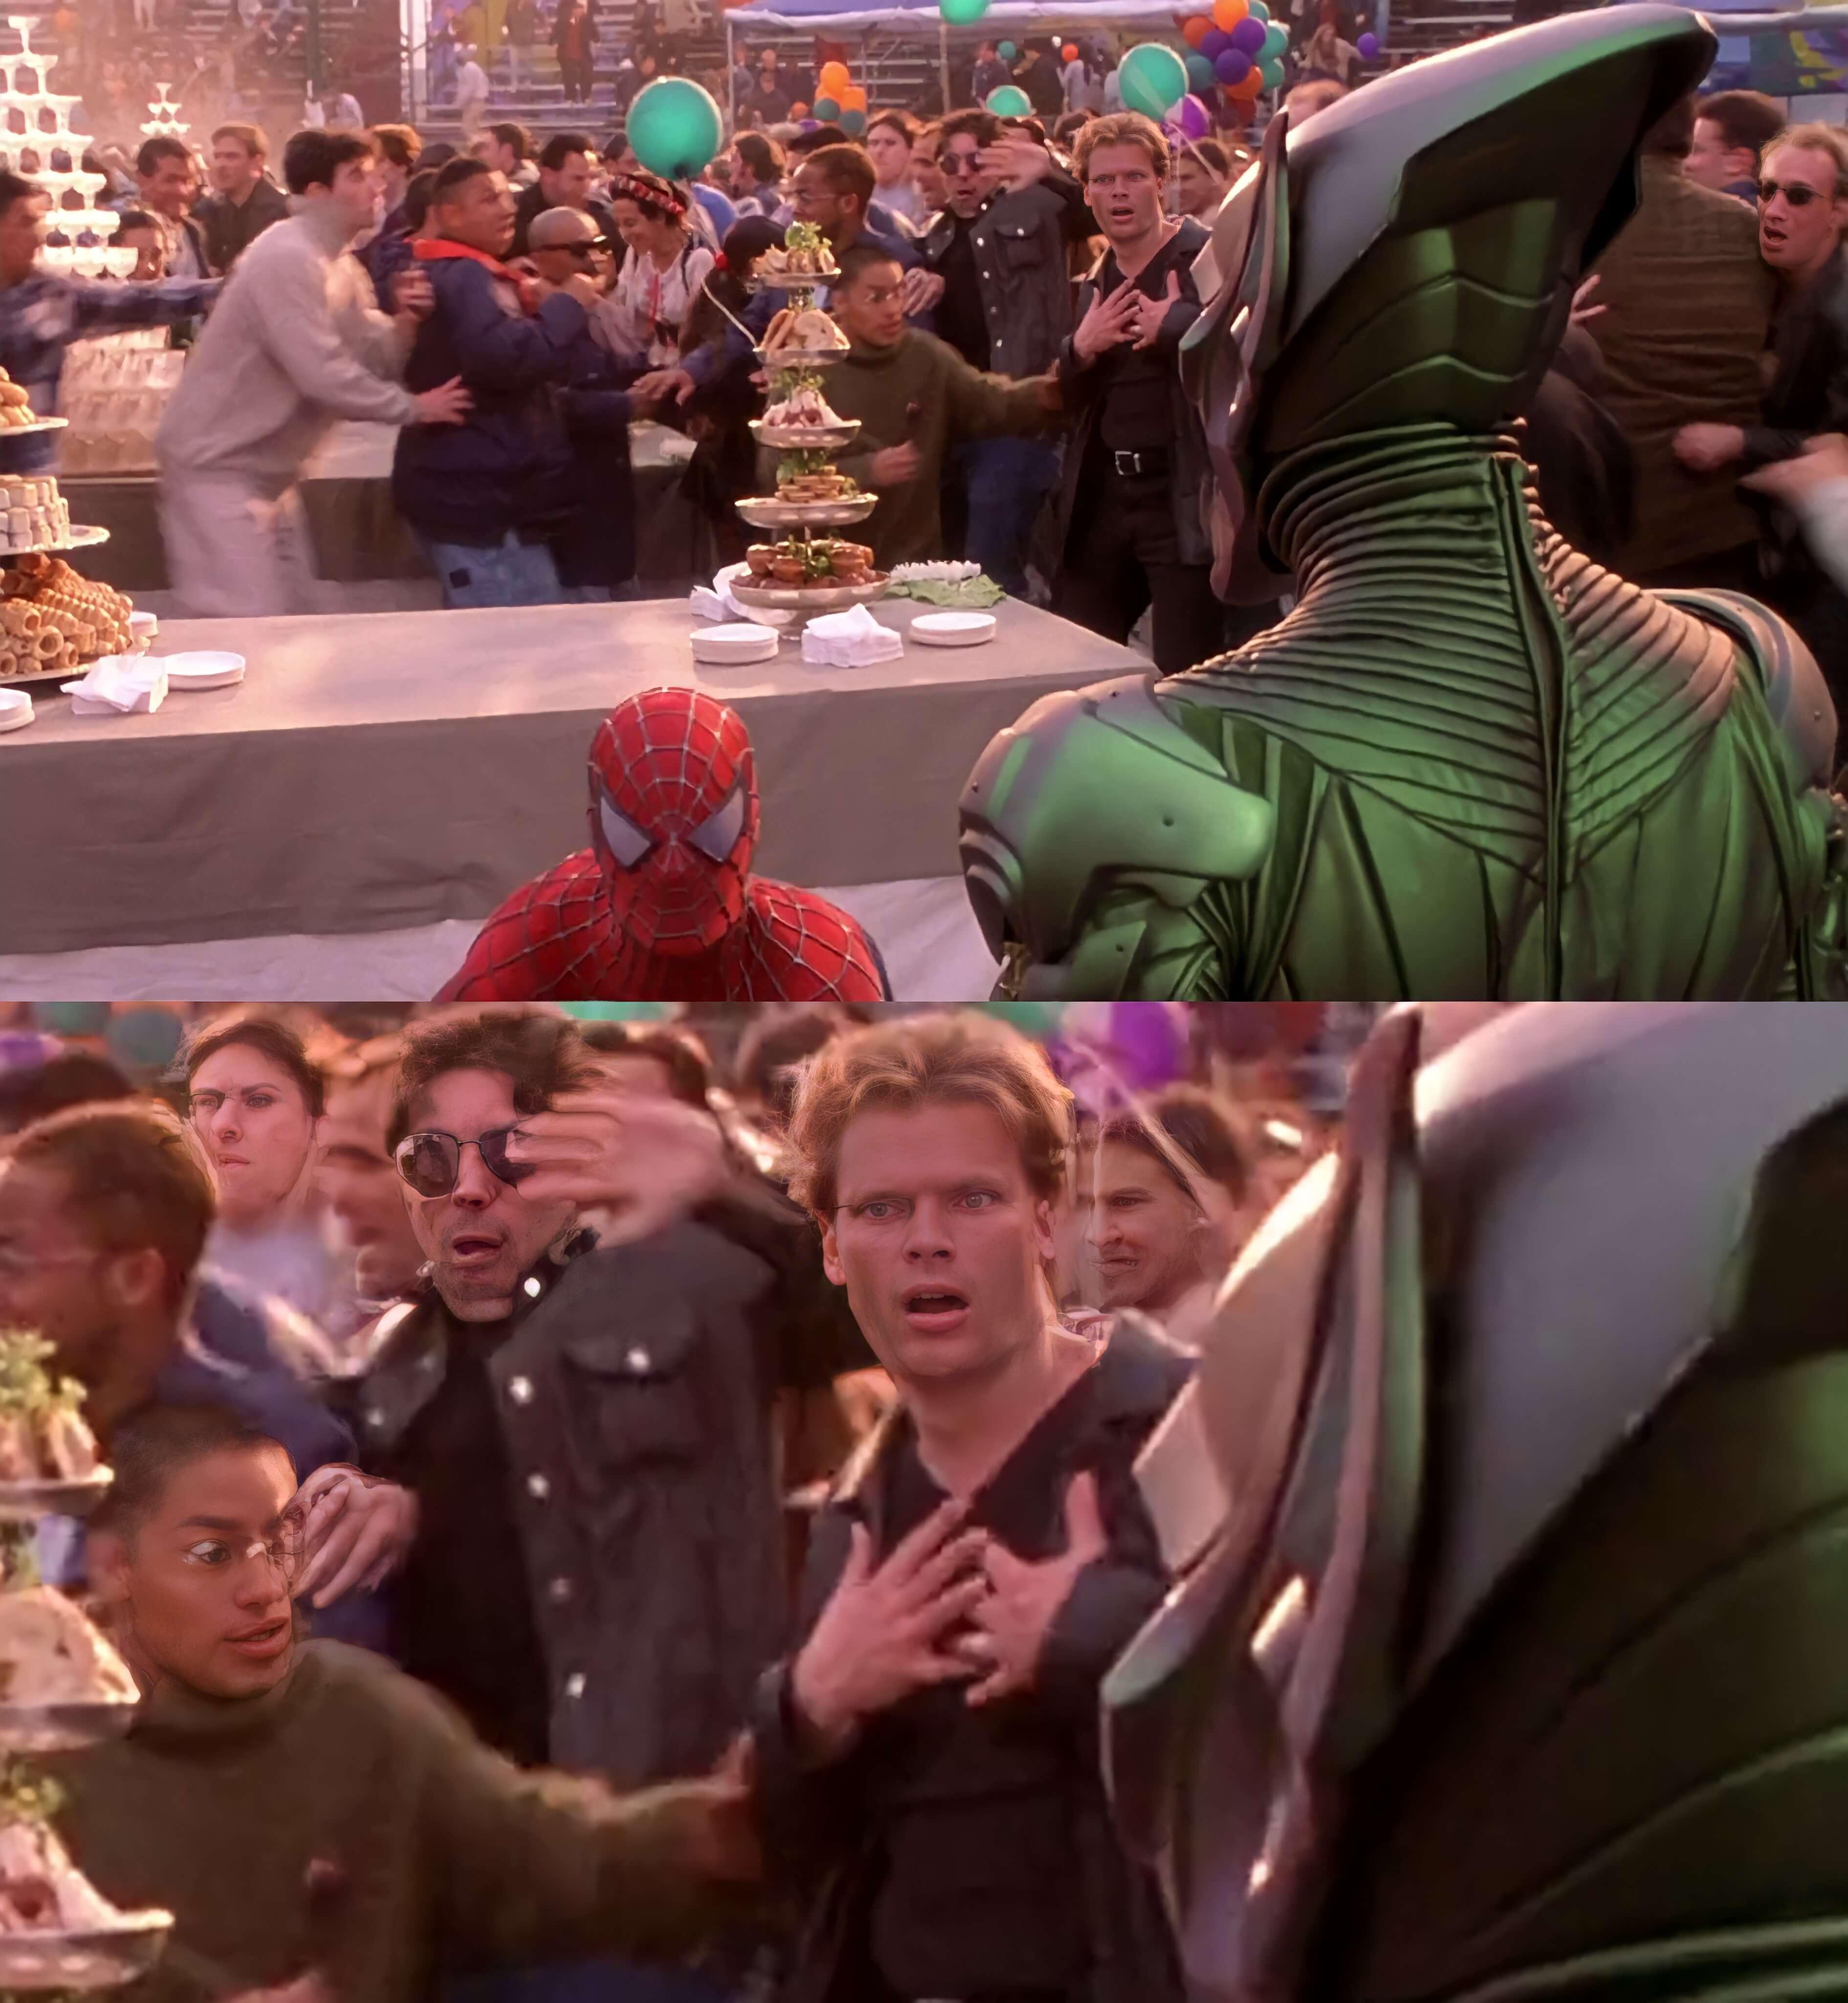 Ir a la pagina de la plantilla Duende Verde y Spider-Man | Hombre de fondo asustado.